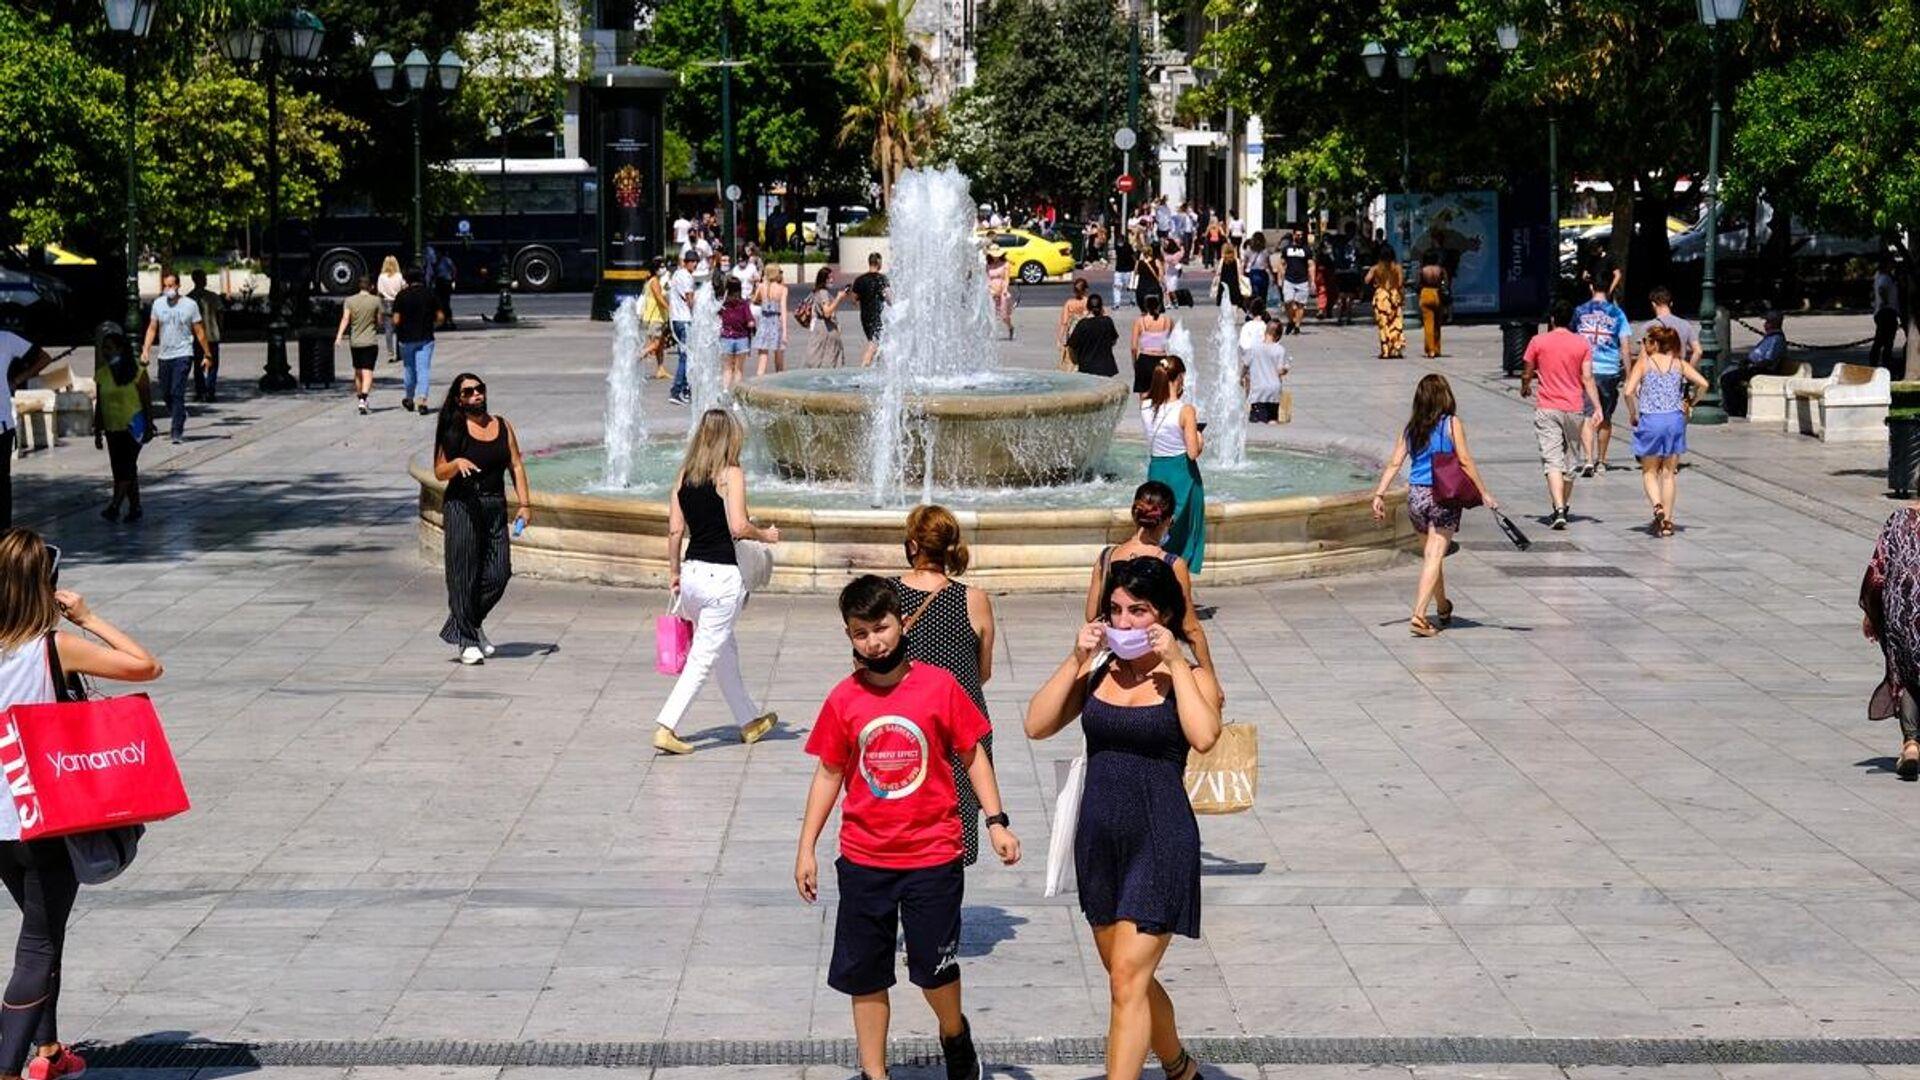 Εικόνες δρόμου με ανθρώπους με μάσκες να κυκλοφορούν στην Αθήνα εν μέσω καύσωνα. - Sputnik Ελλάδα, 1920, 10.08.2021